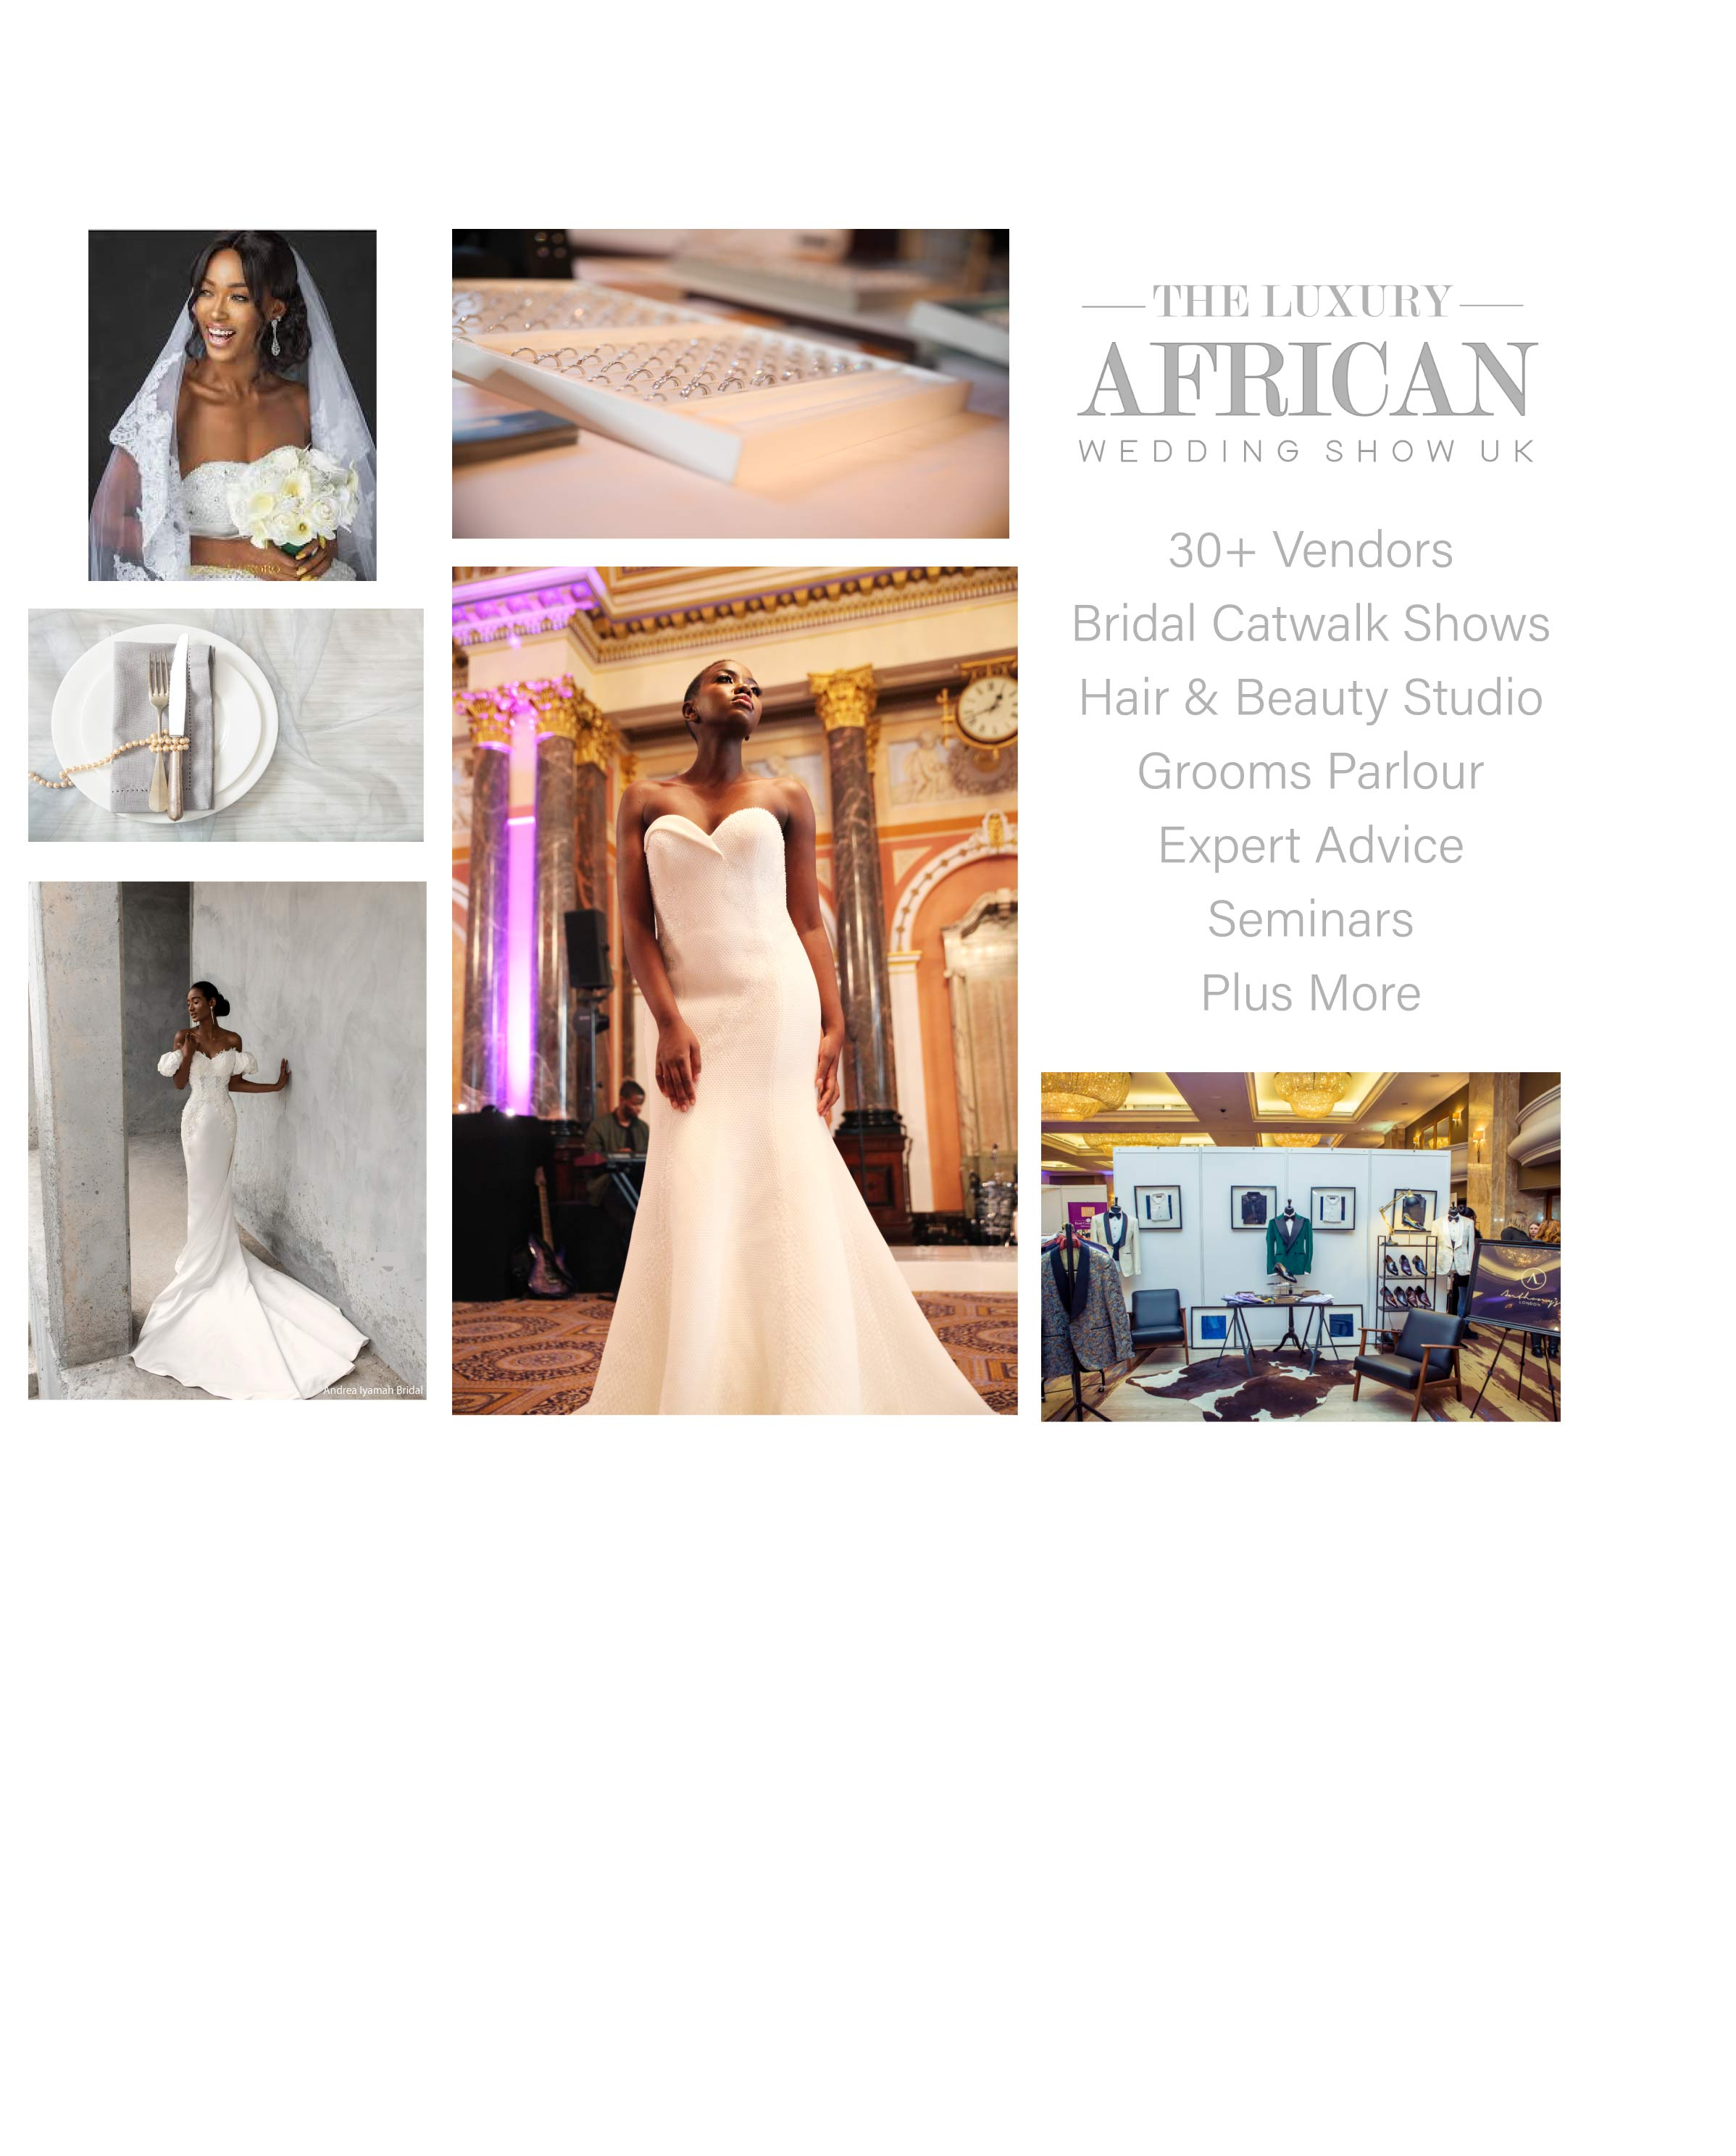 The Luxury African Wedding Show UK